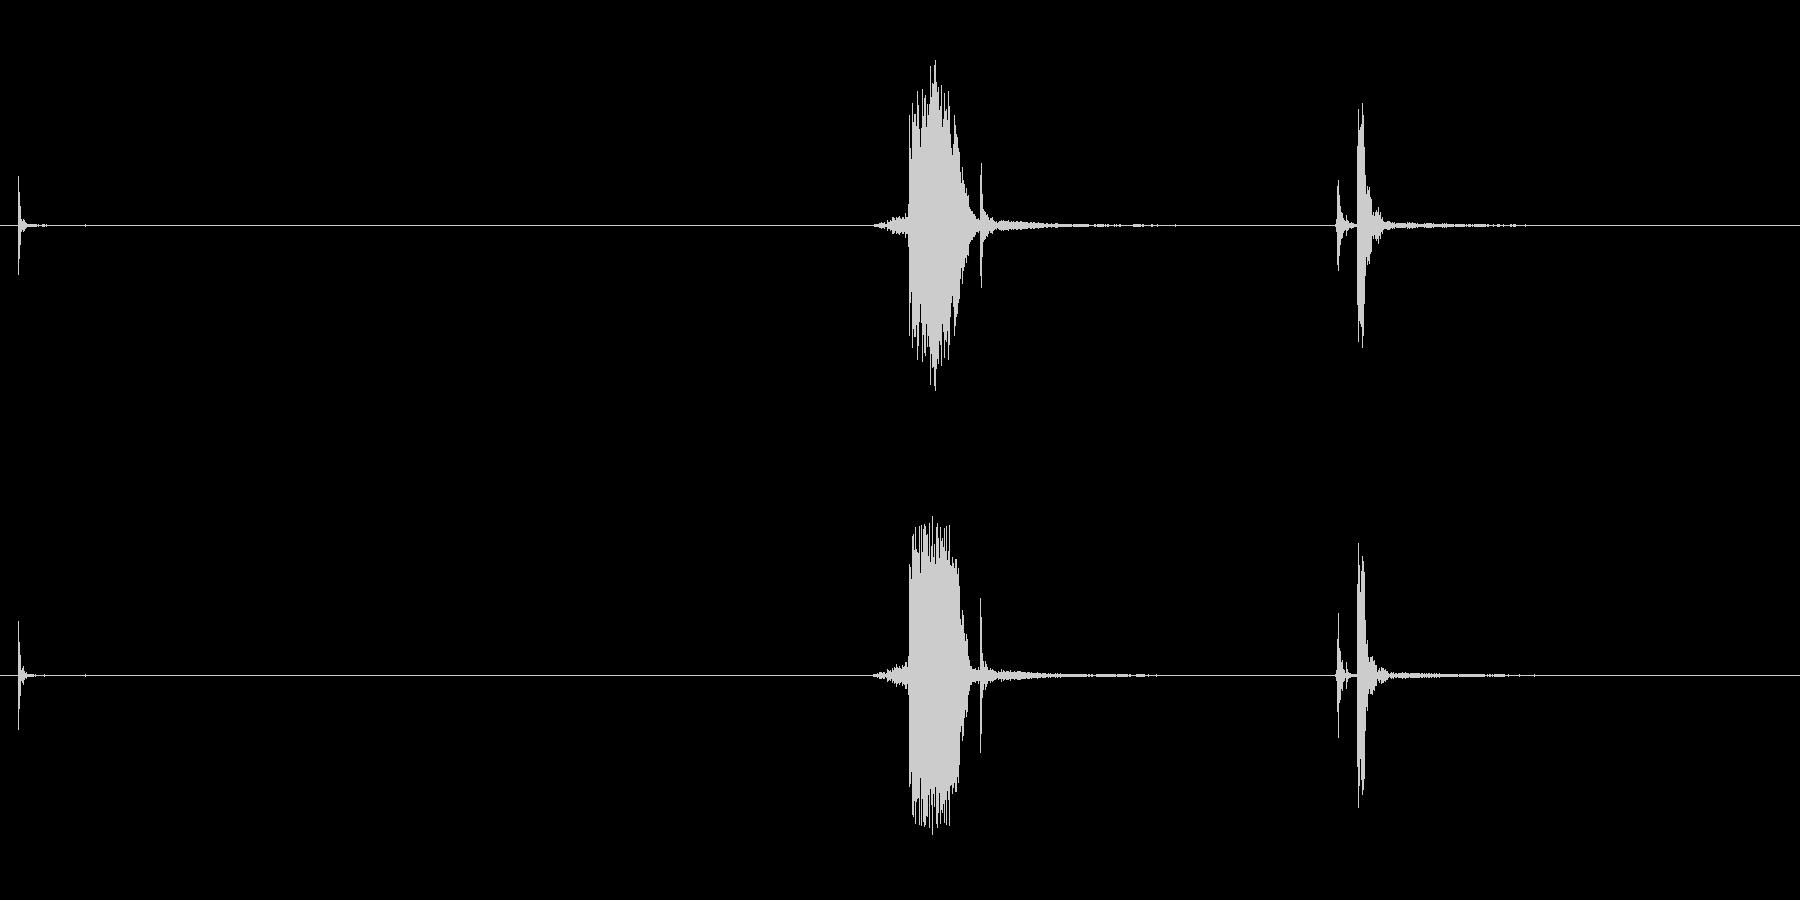 シュポッ(缶のプルタブを起こす時の音)の未再生の波形